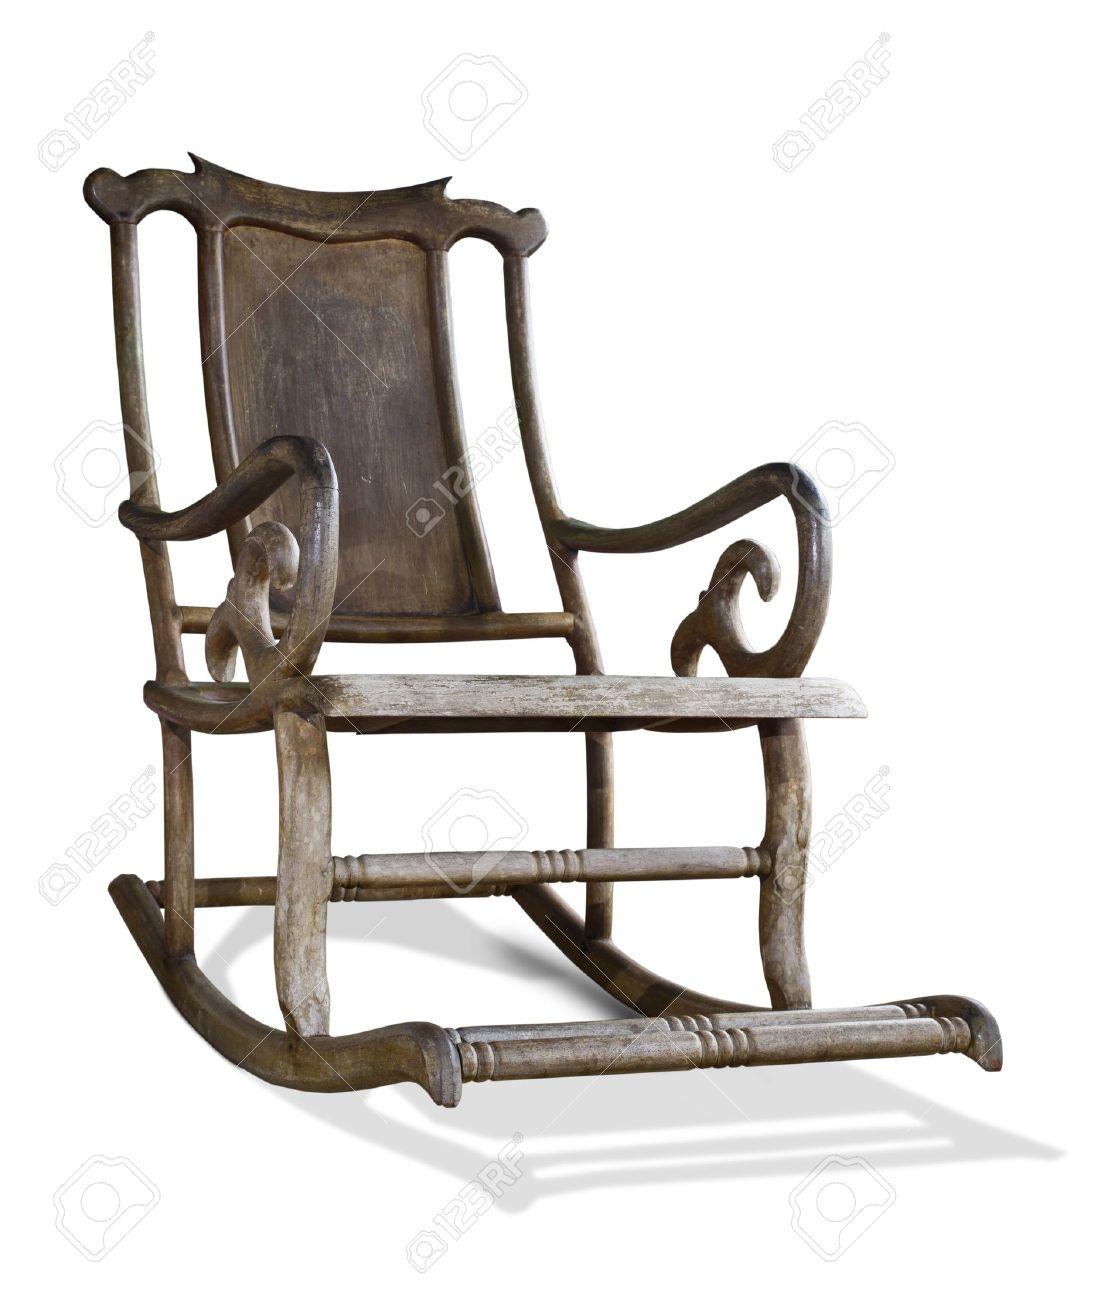 ancien fauteuil a bascule en bois isole sur fond blanc